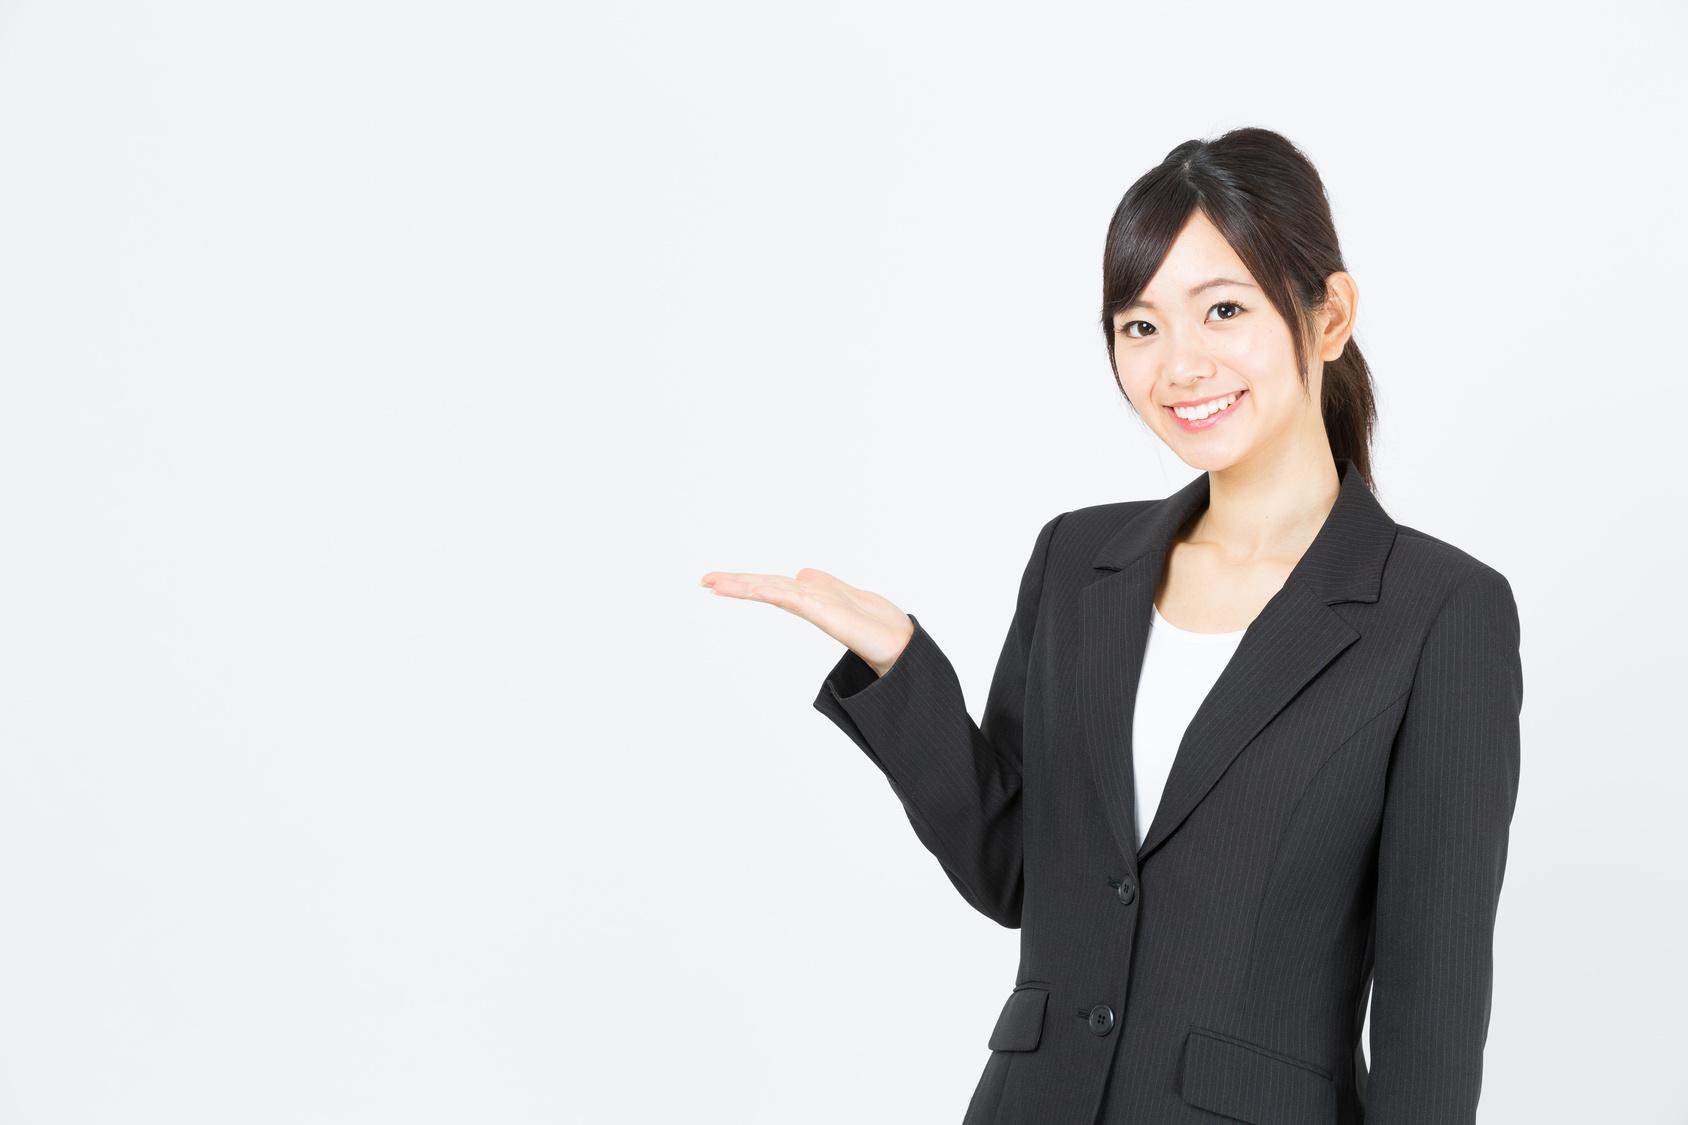 外国人専門人材紹介